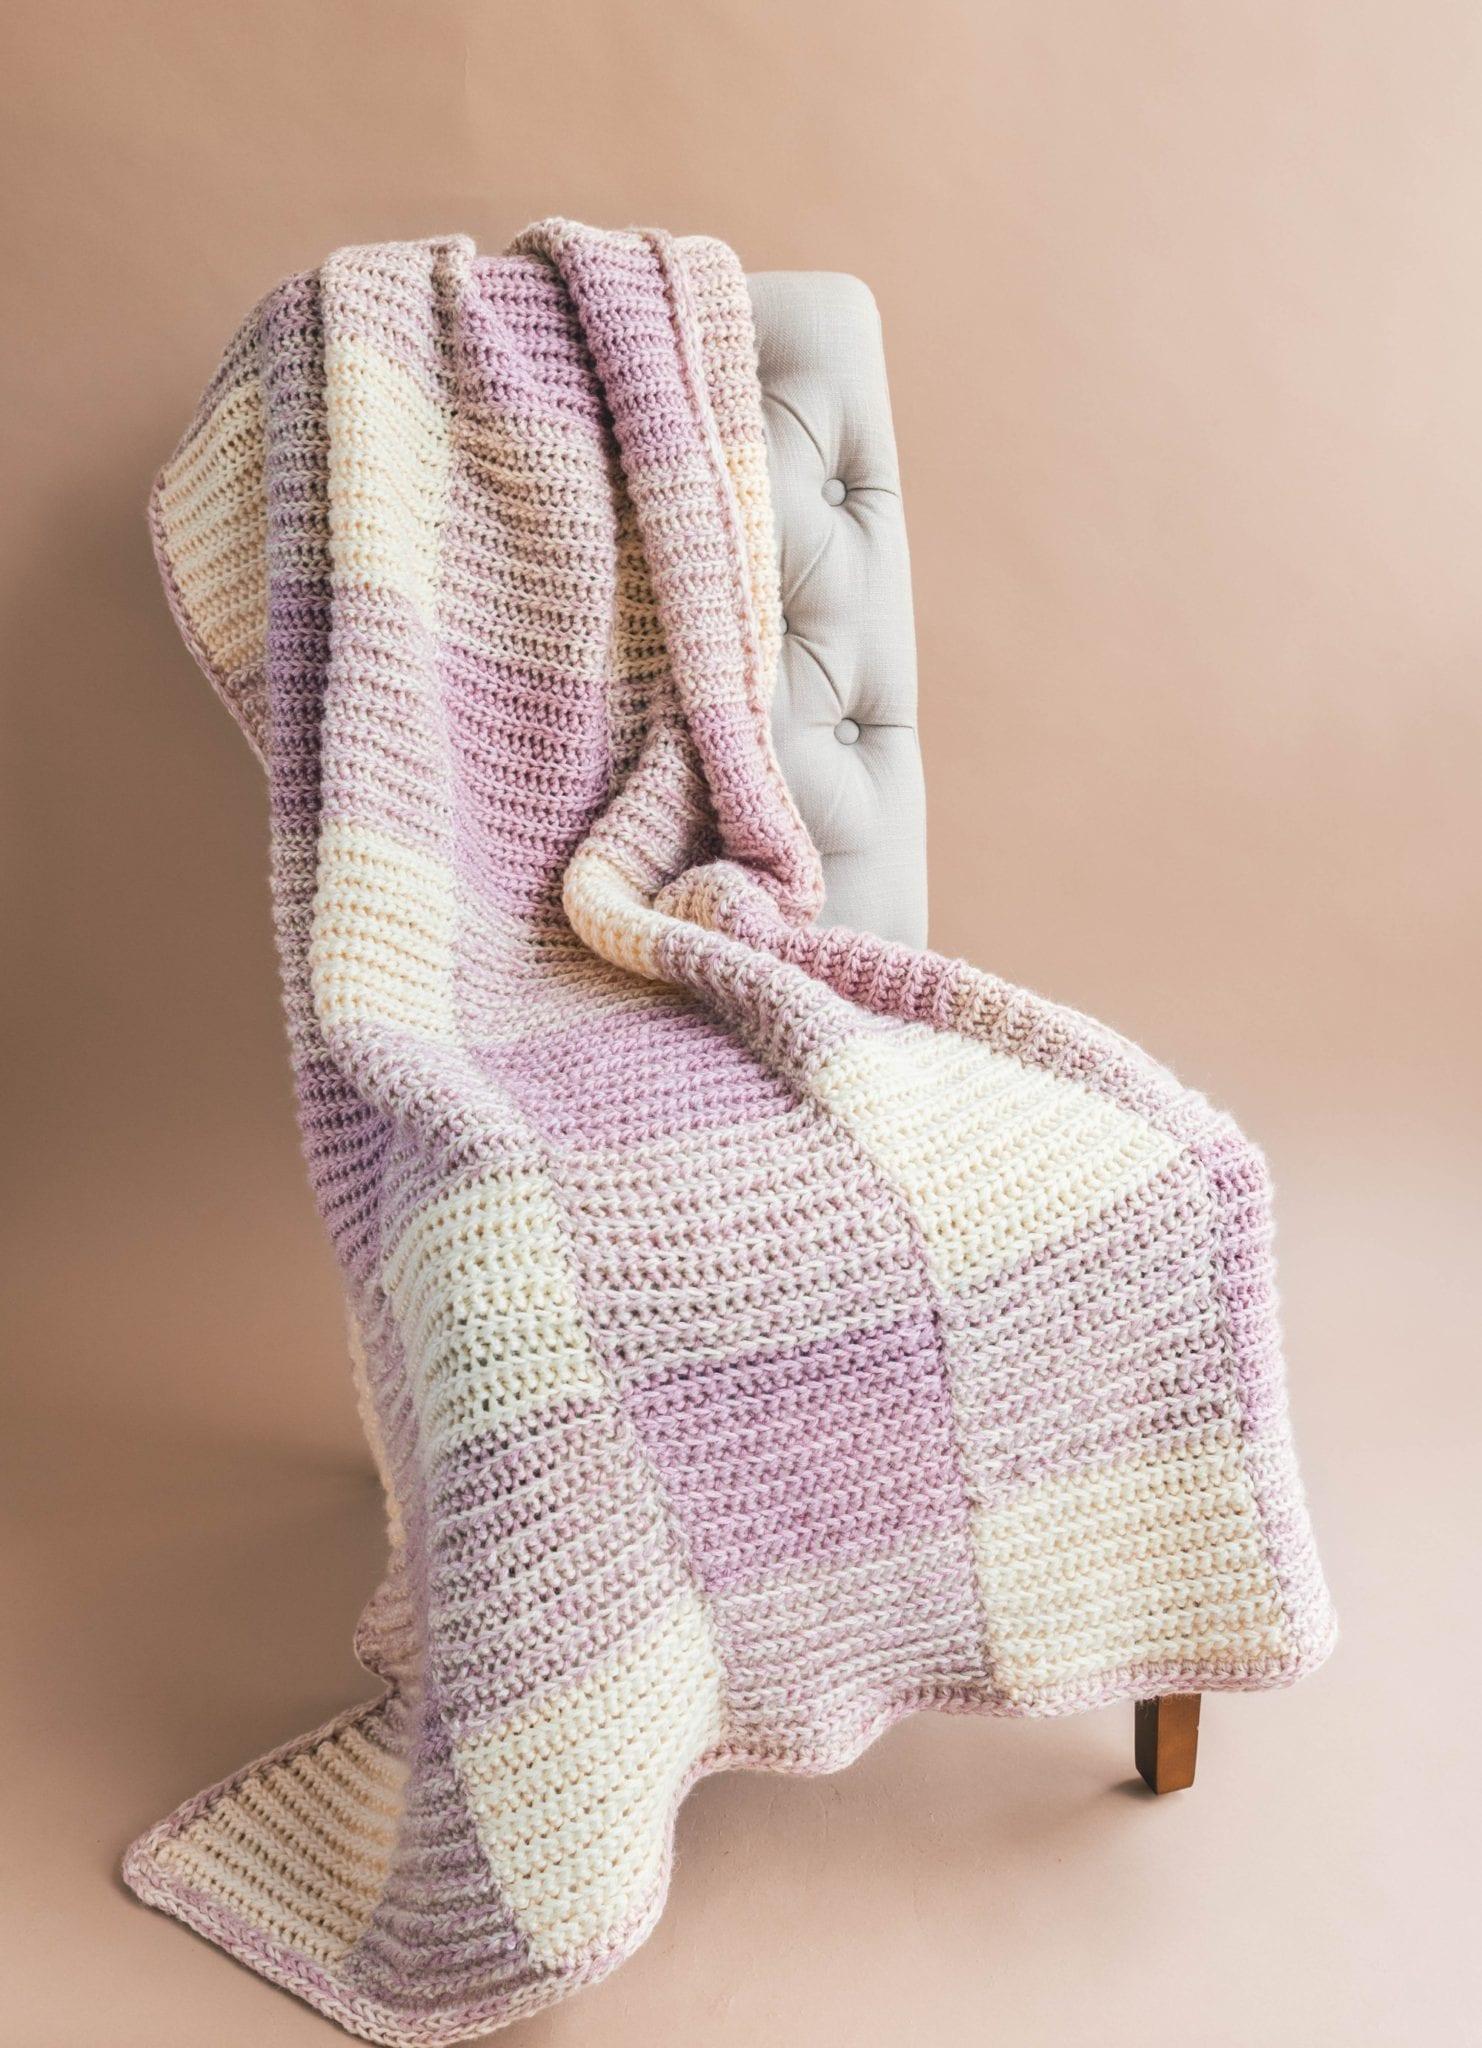 deccd0cba38 10 Free Crochet Home Decor Patterns - Sewrella